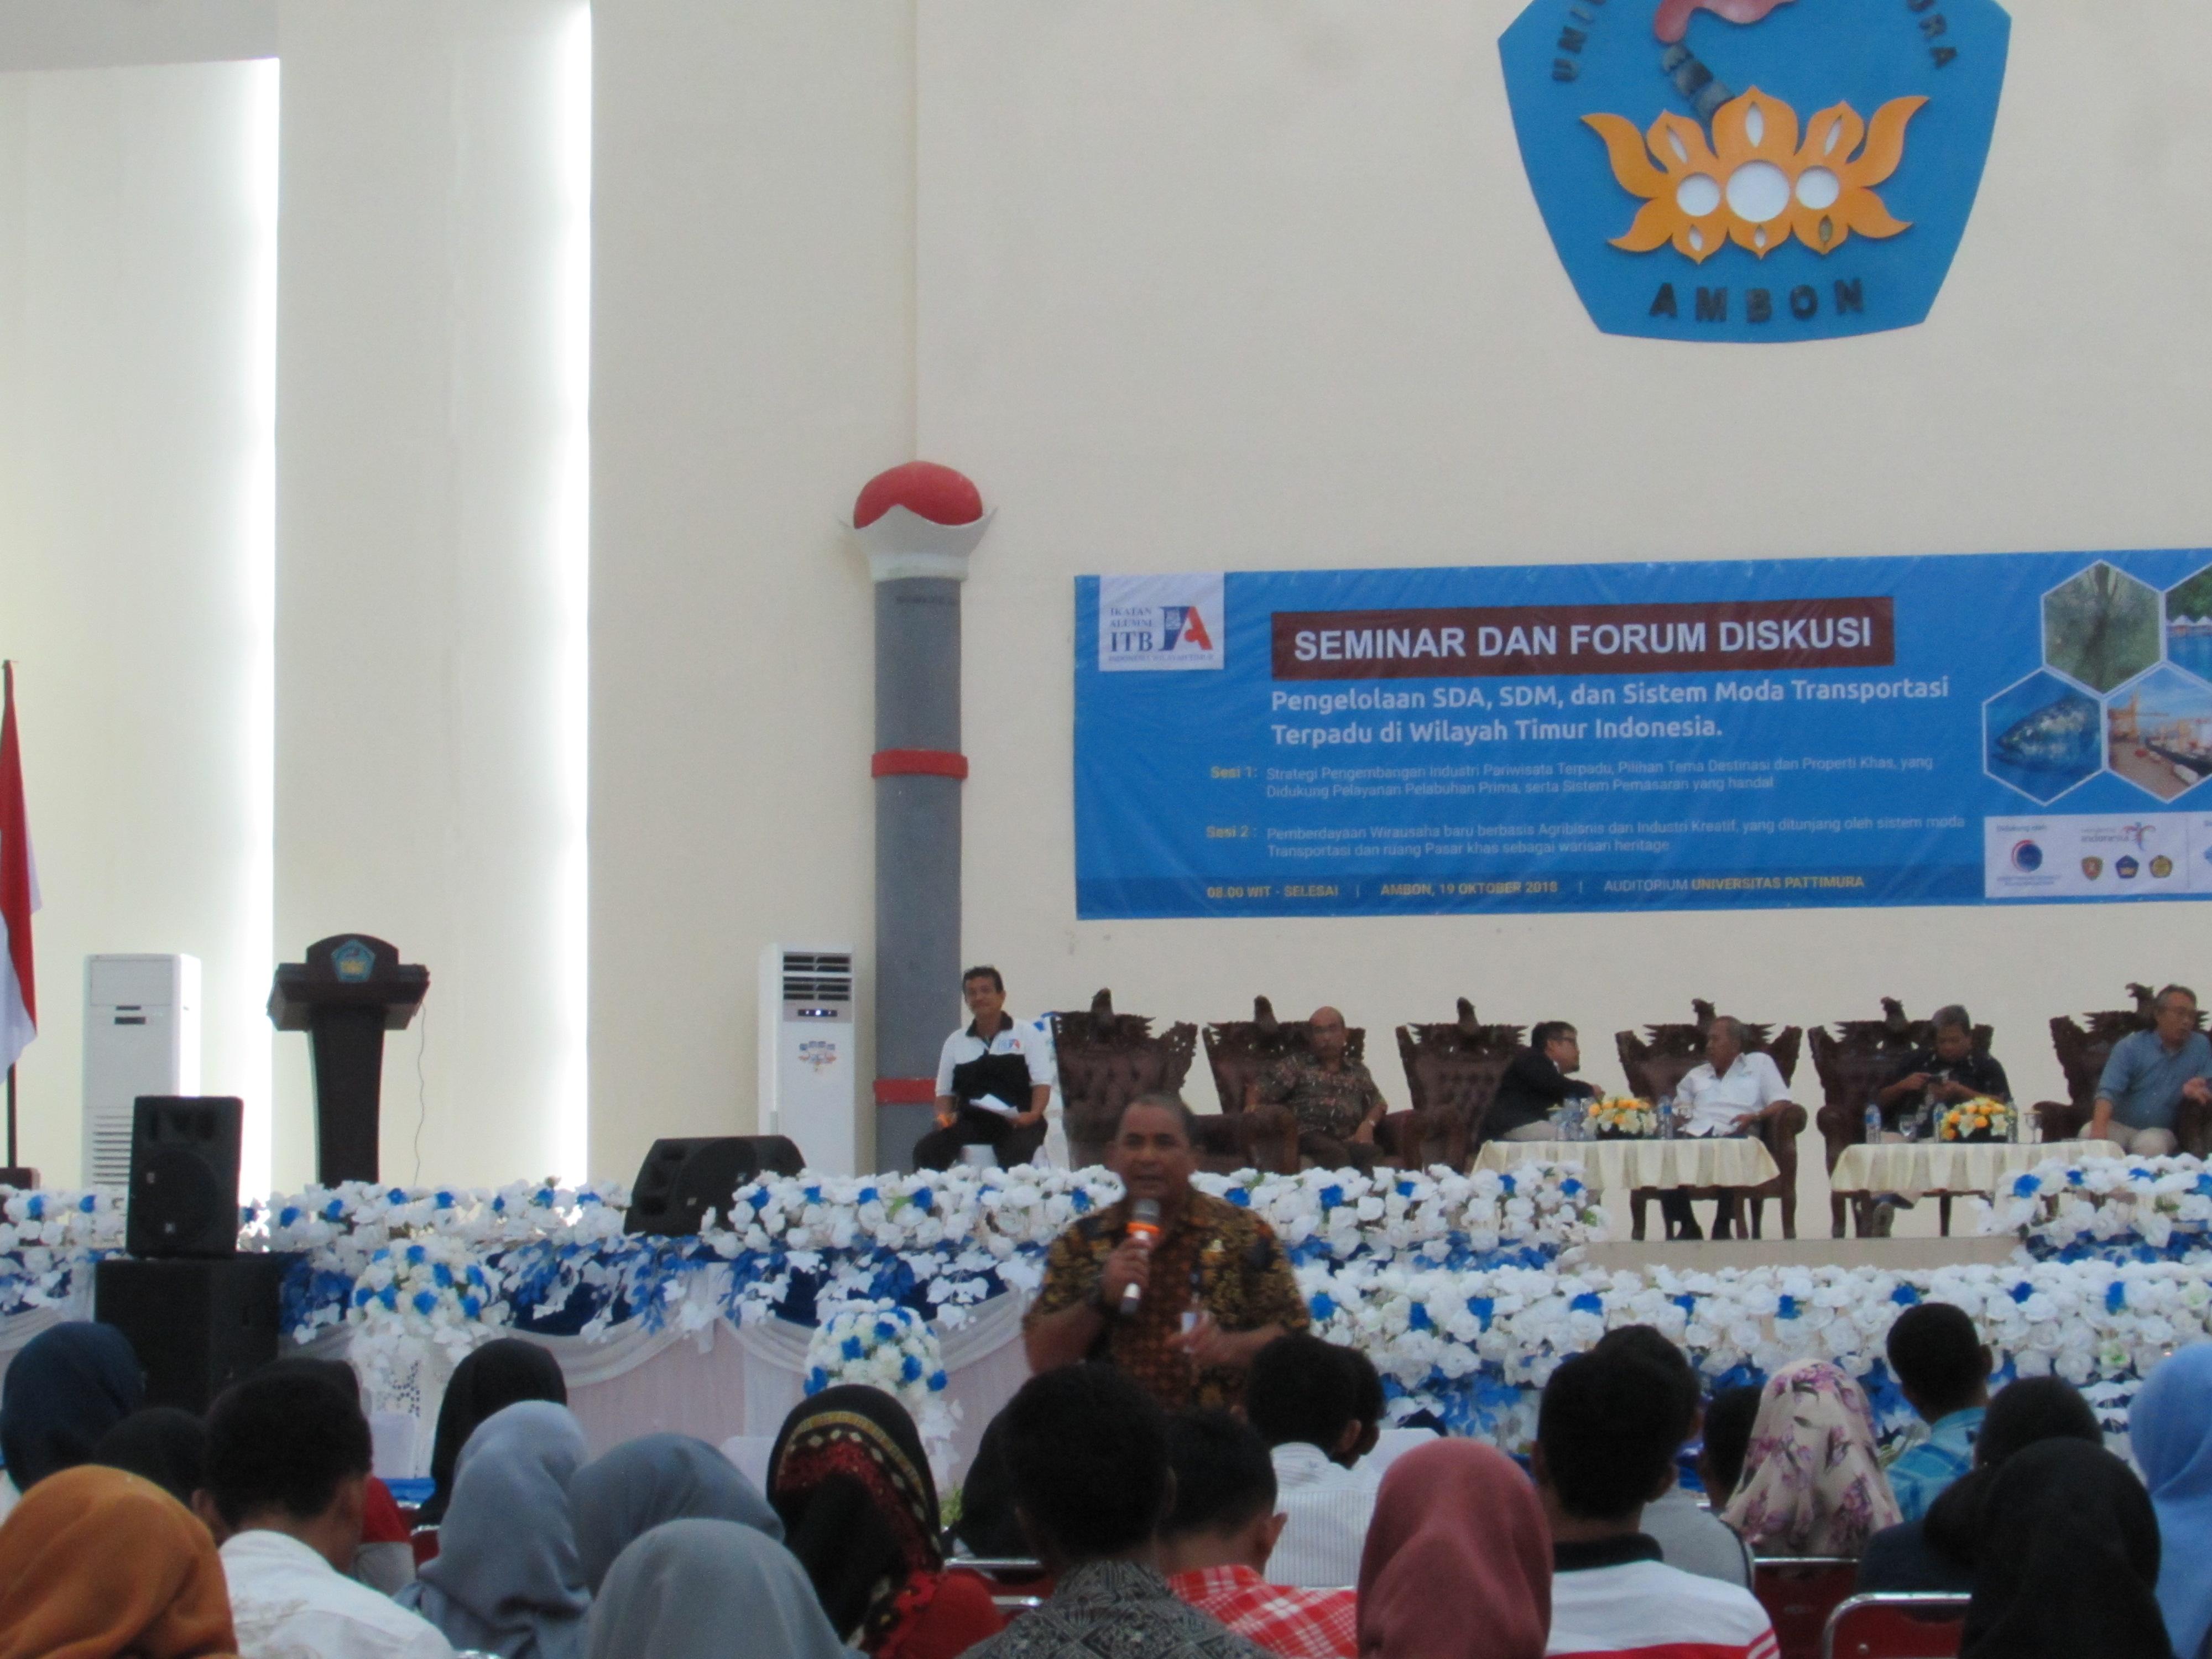 dukung-percepatan-pembangunan-wilayah-timur-indonesia-ia-itb-selenggarakan-seminar-dan-forum-diskusi-di-ambon-maluku